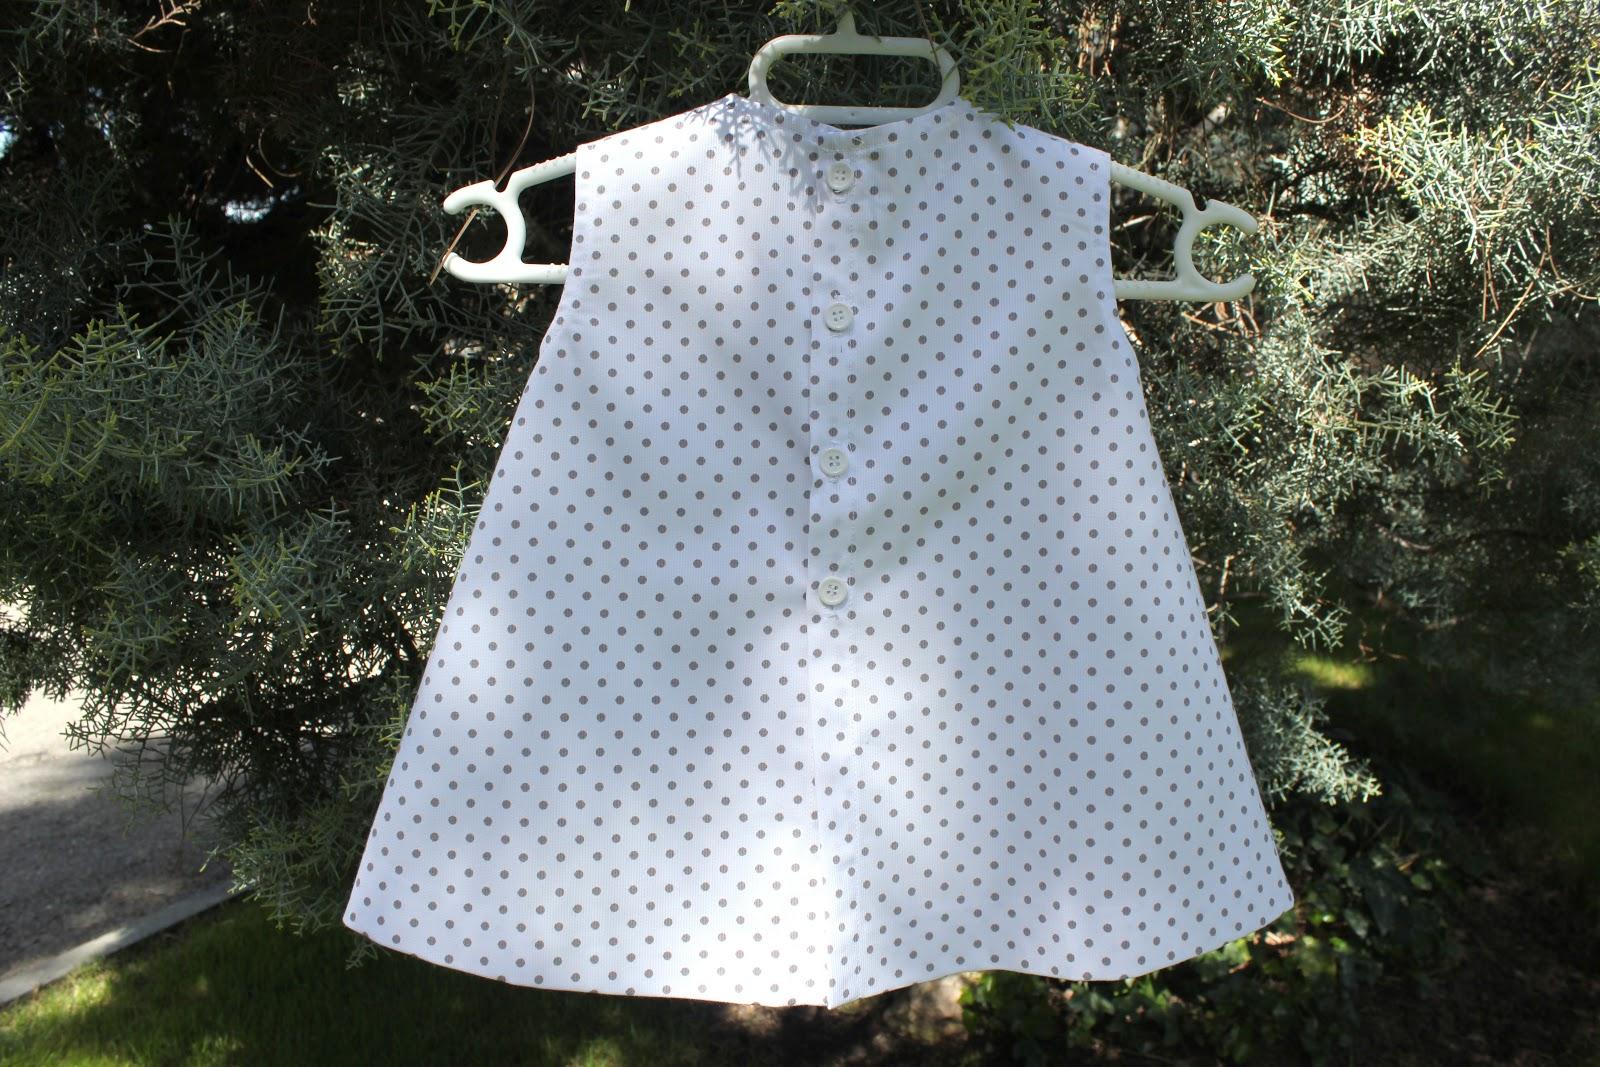 Diy Cómo Hacer Vestido De Bebé Tutorial Con Patrón Incluido